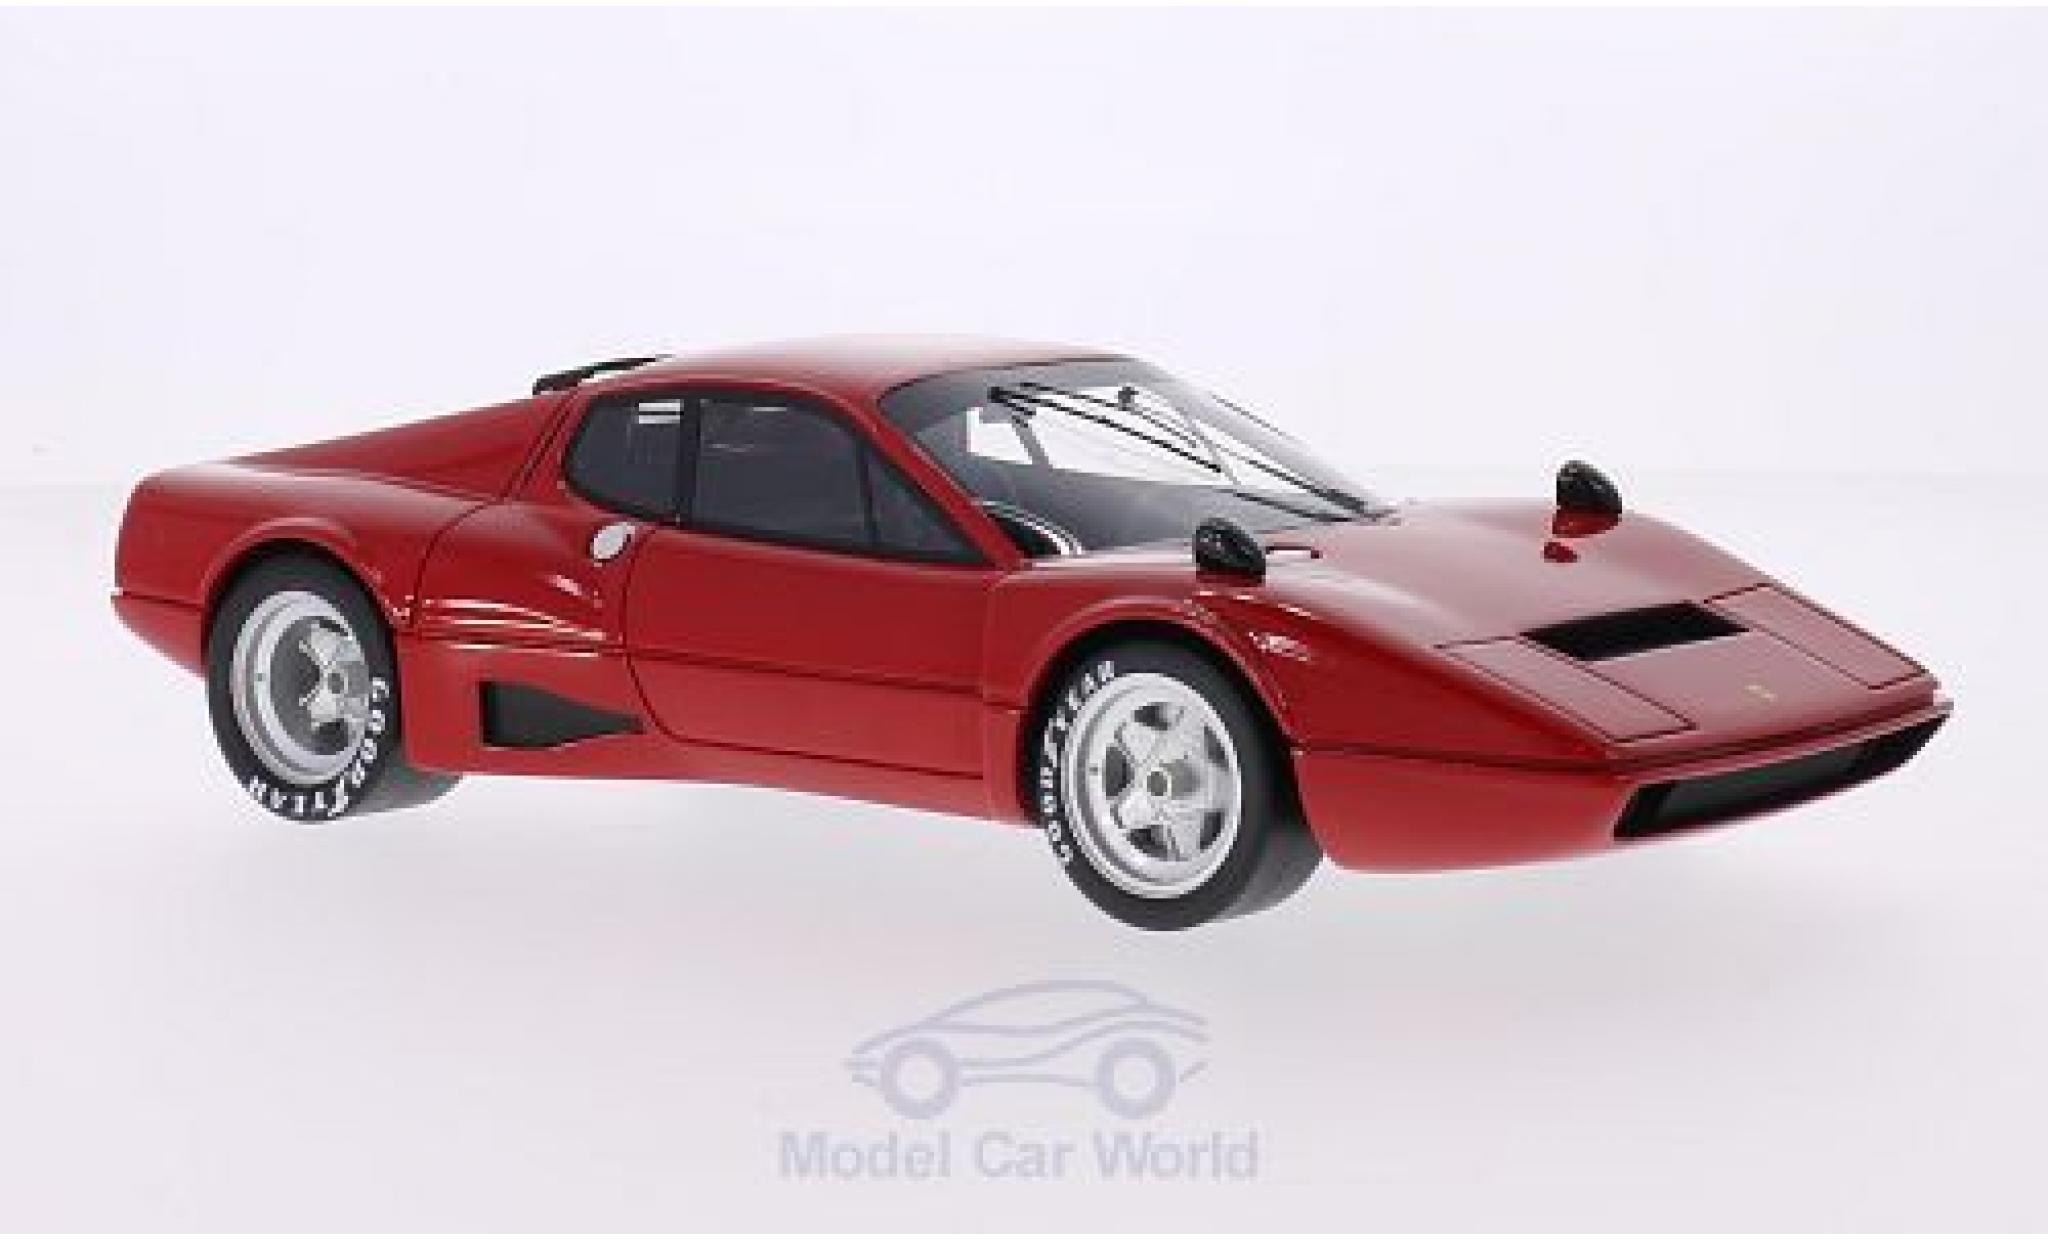 Ferrari 365 1/18 CMF GT4 BB Competizione rouge Plain Body Version grisene Felgen abgedeckte Scheinwerfer ohne Heckspoiler